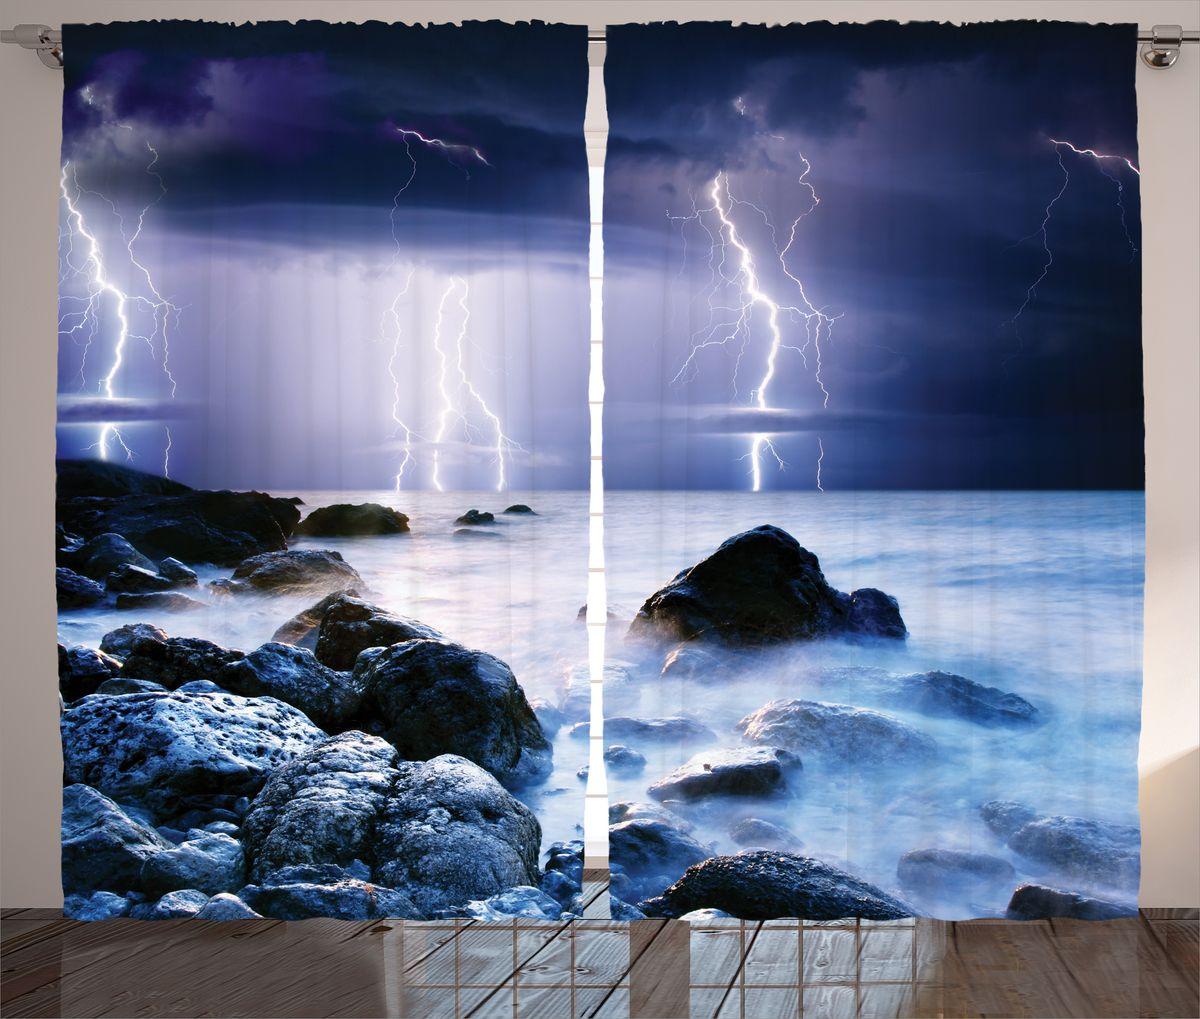 Комплект фотоштор Magic Lady Гроза над туманным берегом, на ленте, высота 265 см. шсг_16335шсг_16275Компания Сэмболь изготавливает шторы из высококачественного сатена (полиэстер 100%). При изготовлении используются специальные гипоаллергенные чернила для прямой печати по ткани, безопасные для человека и животных. Экологичность продукции Magic lady и безопасность для окружающей среды подтверждены сертификатом Oeko-Tex Standard 100. Крепление: крючки для крепления на шторной ленте (50 шт). Возможно крепление на трубу. Внимание! При нанесении сублимационной печати на ткань технологическим методом при температуре 240°С, возможно отклонение полученных размеров (указанных на этикетке и сайте) от стандартных на + - 3-5 см. Производитель старается максимально точно передать цвета изделия на фотографиях, однако искажения неизбежны и фактический цвет изделия может отличаться от воспринимаемого по фото. Обратите внимание! Шторы изготовлены из полиэстра сатенового переплетения, а не из сатина (хлопок). Размер одного полотна шторы: 145х265 см. В комплекте 2 полотна шторы и 50 крючков.